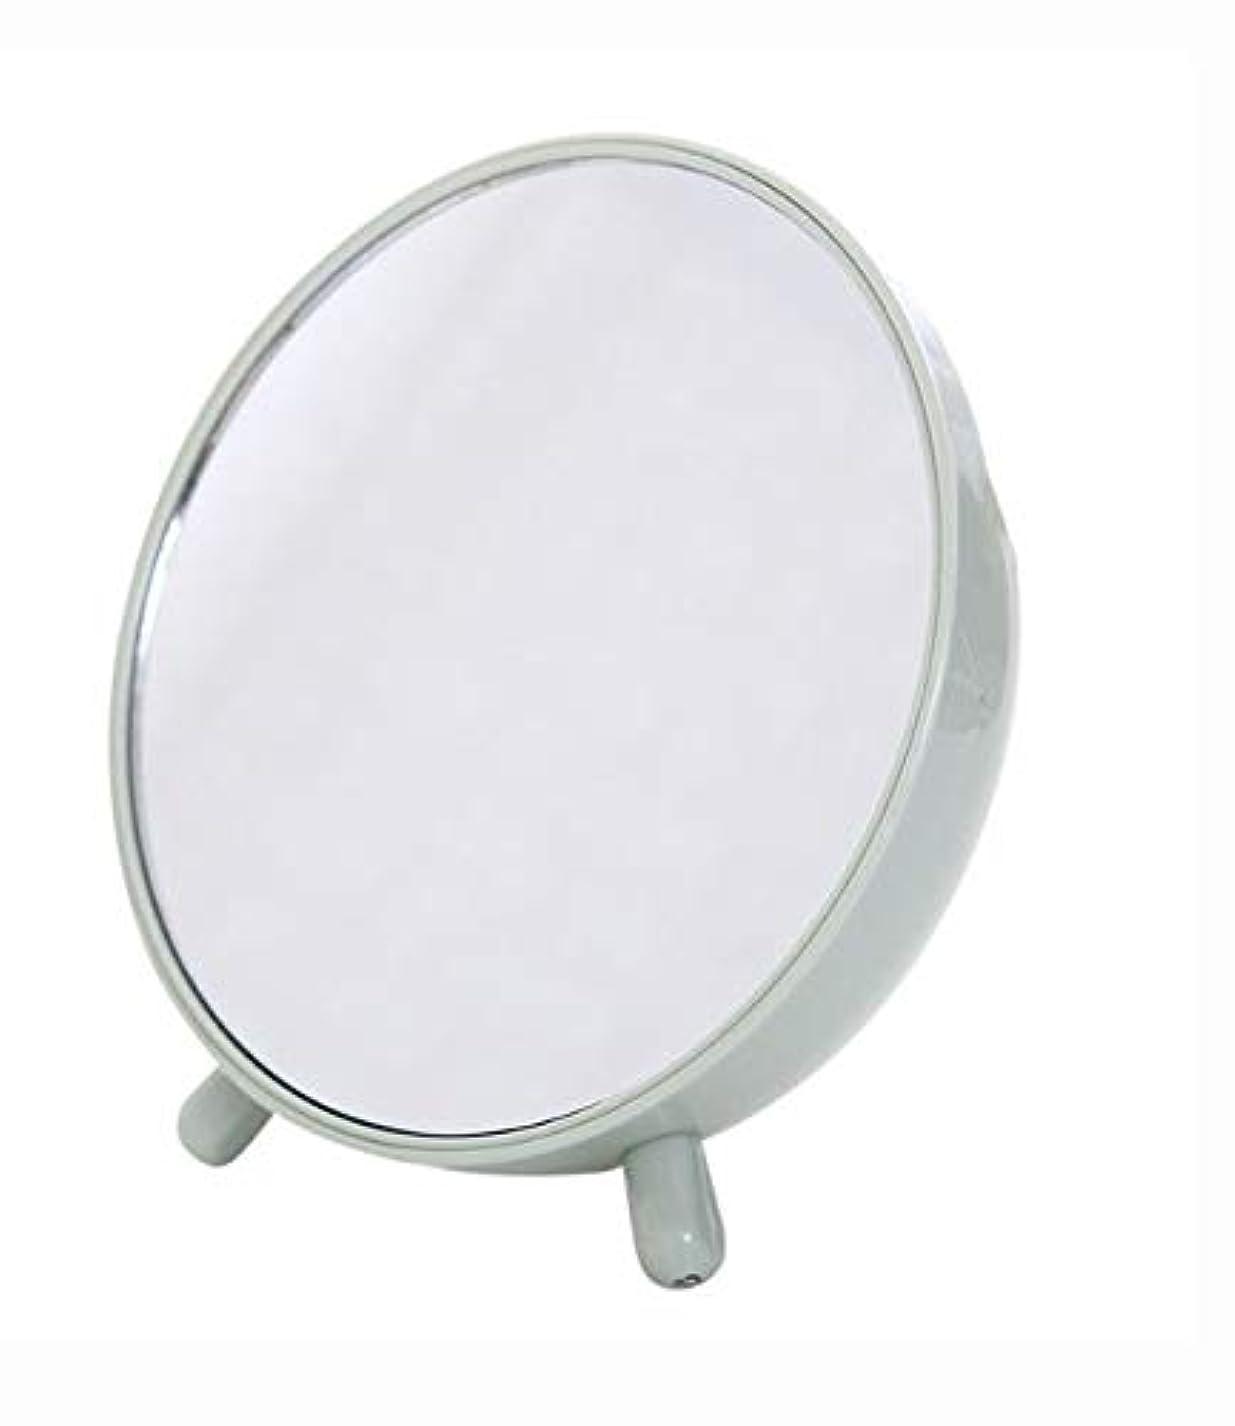 放つ講堂先住民化粧鏡、収納箱の化粧品のギフトが付いている緑の簡単な円形のテーブルの化粧鏡